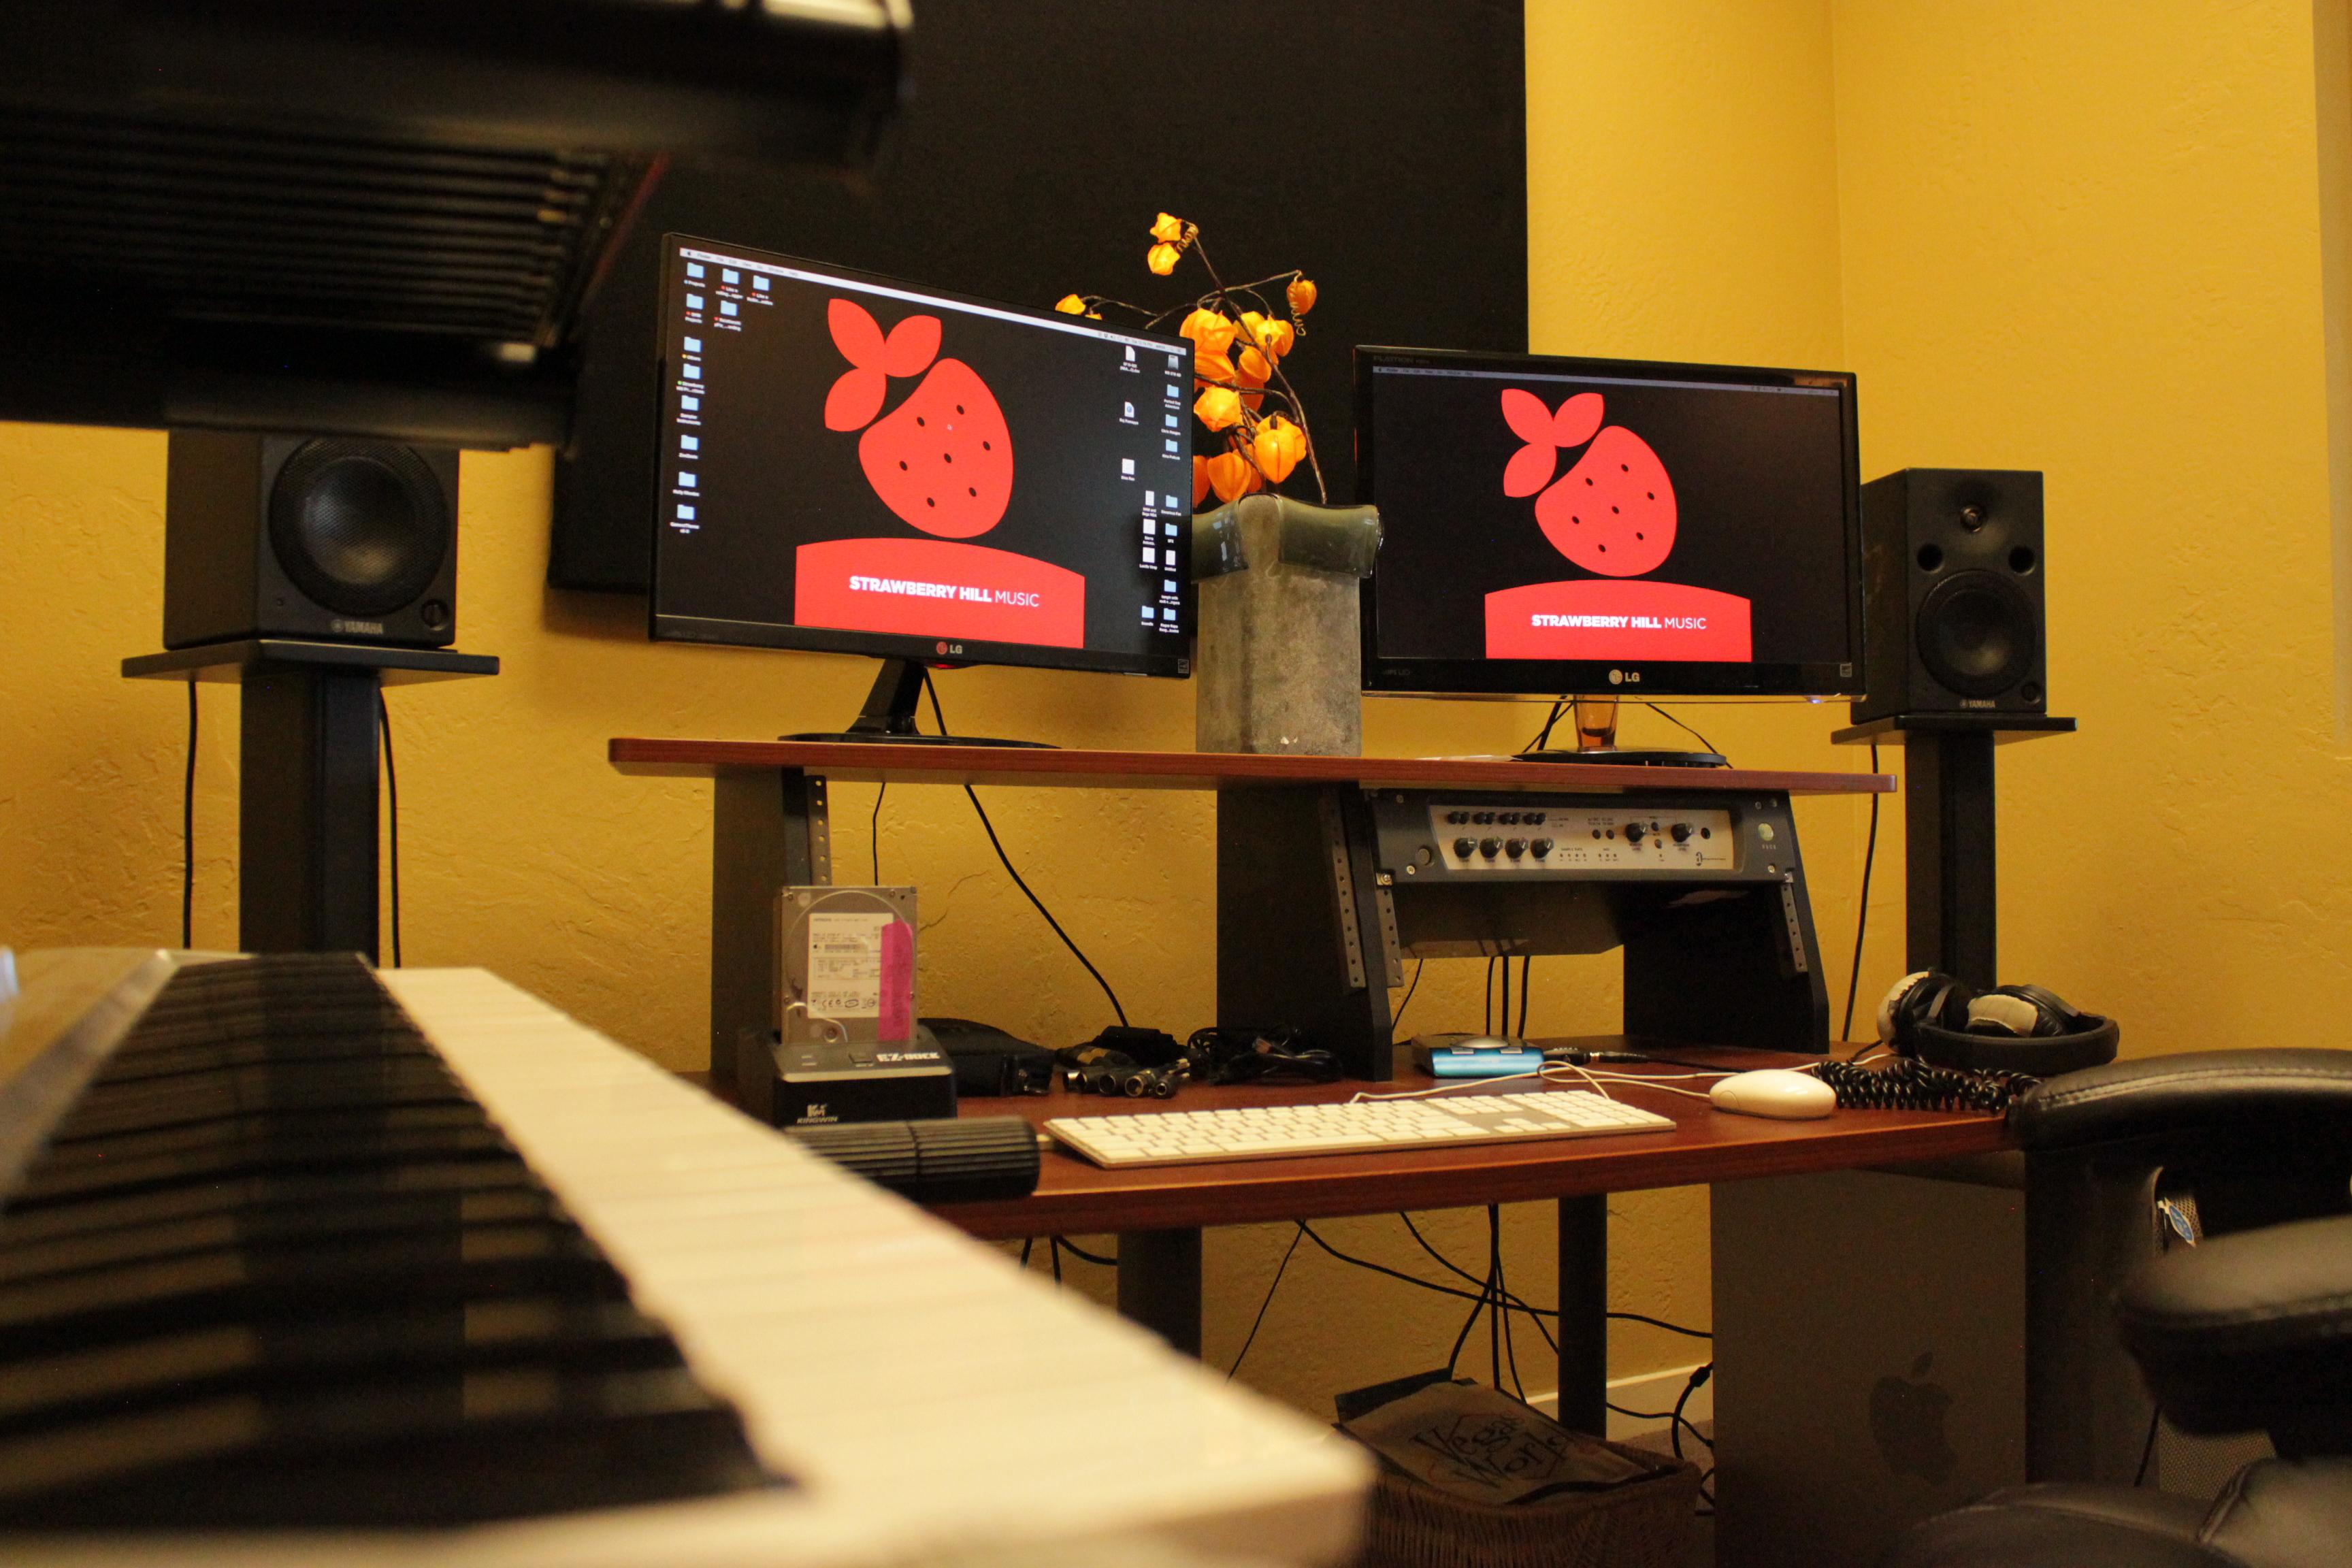 Studio B - Editing